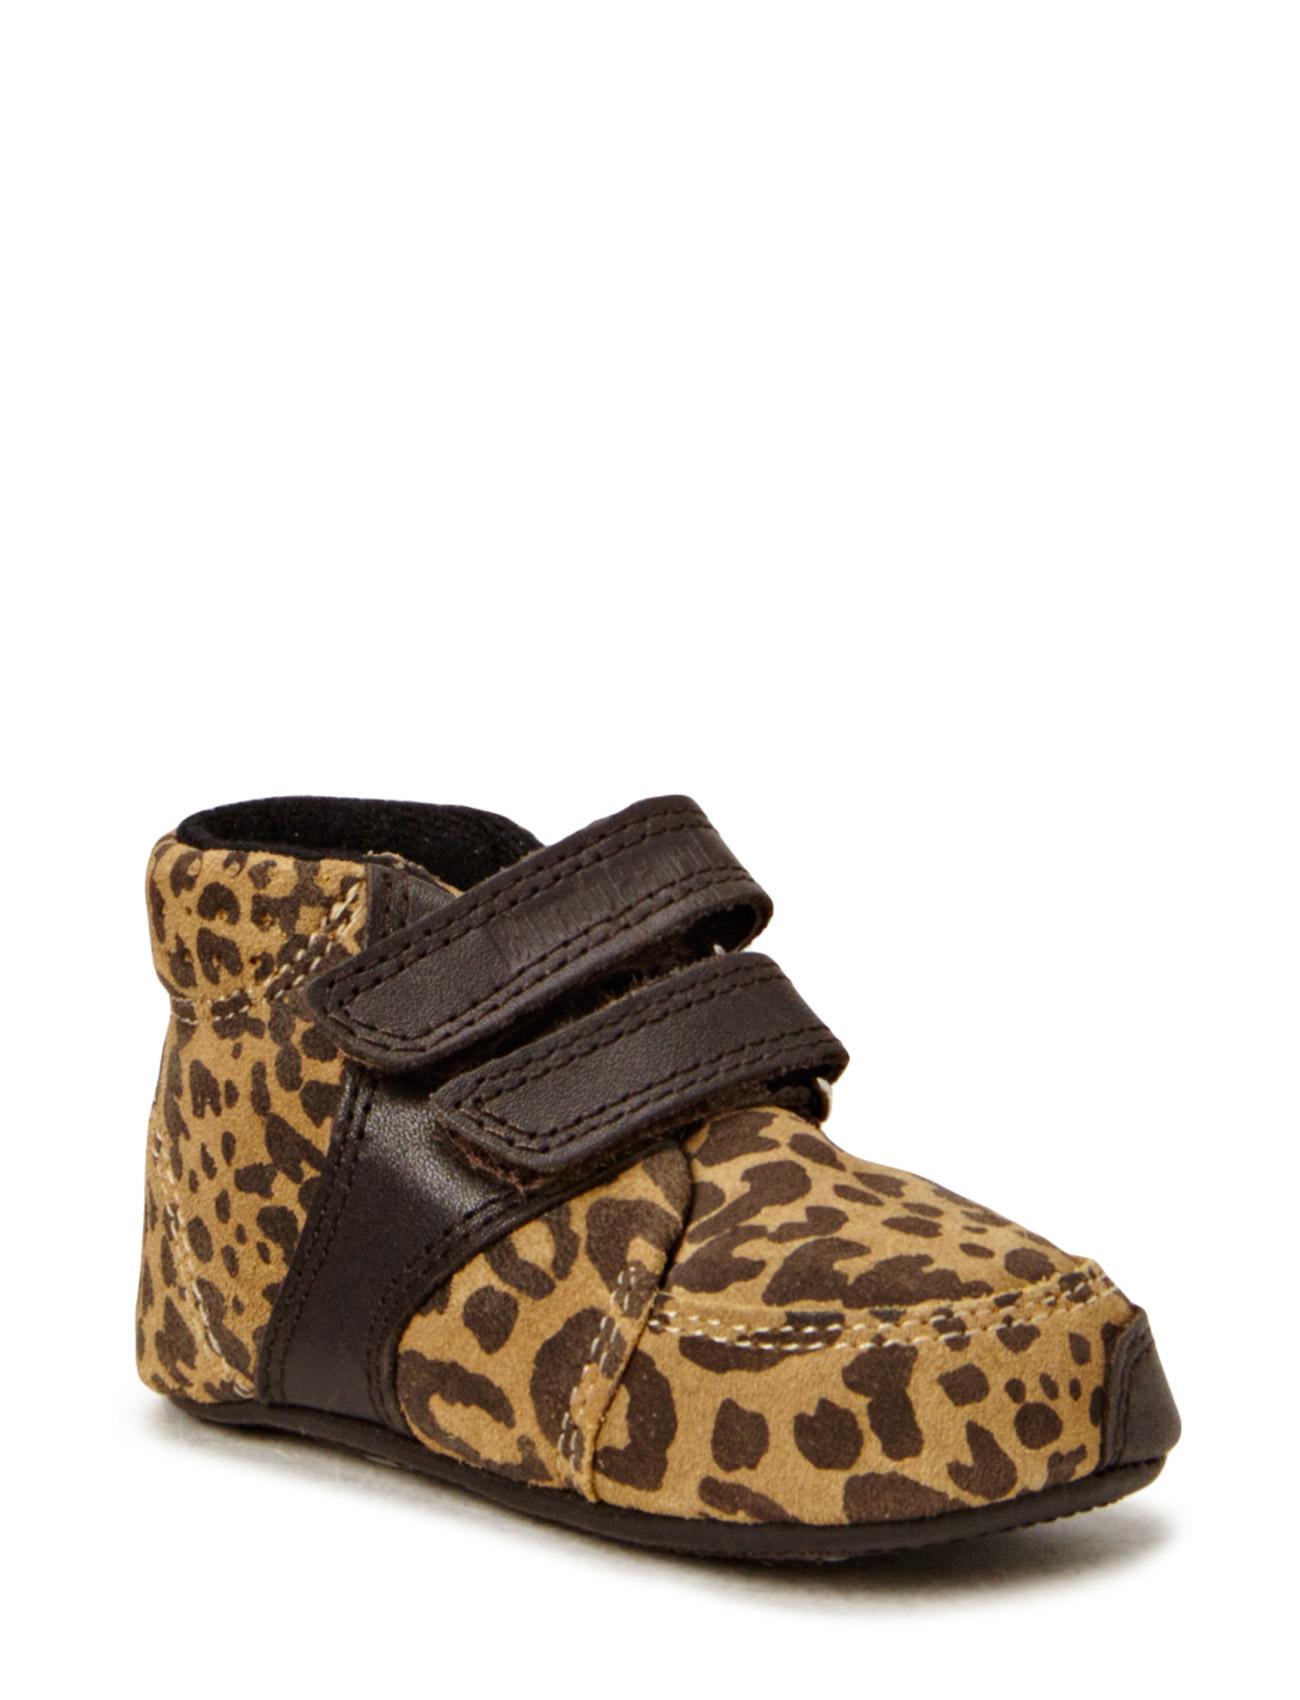 Animal Print Velcro Beige/Brn Prewalker Bundgaard Sko & Sneakers til Børn i